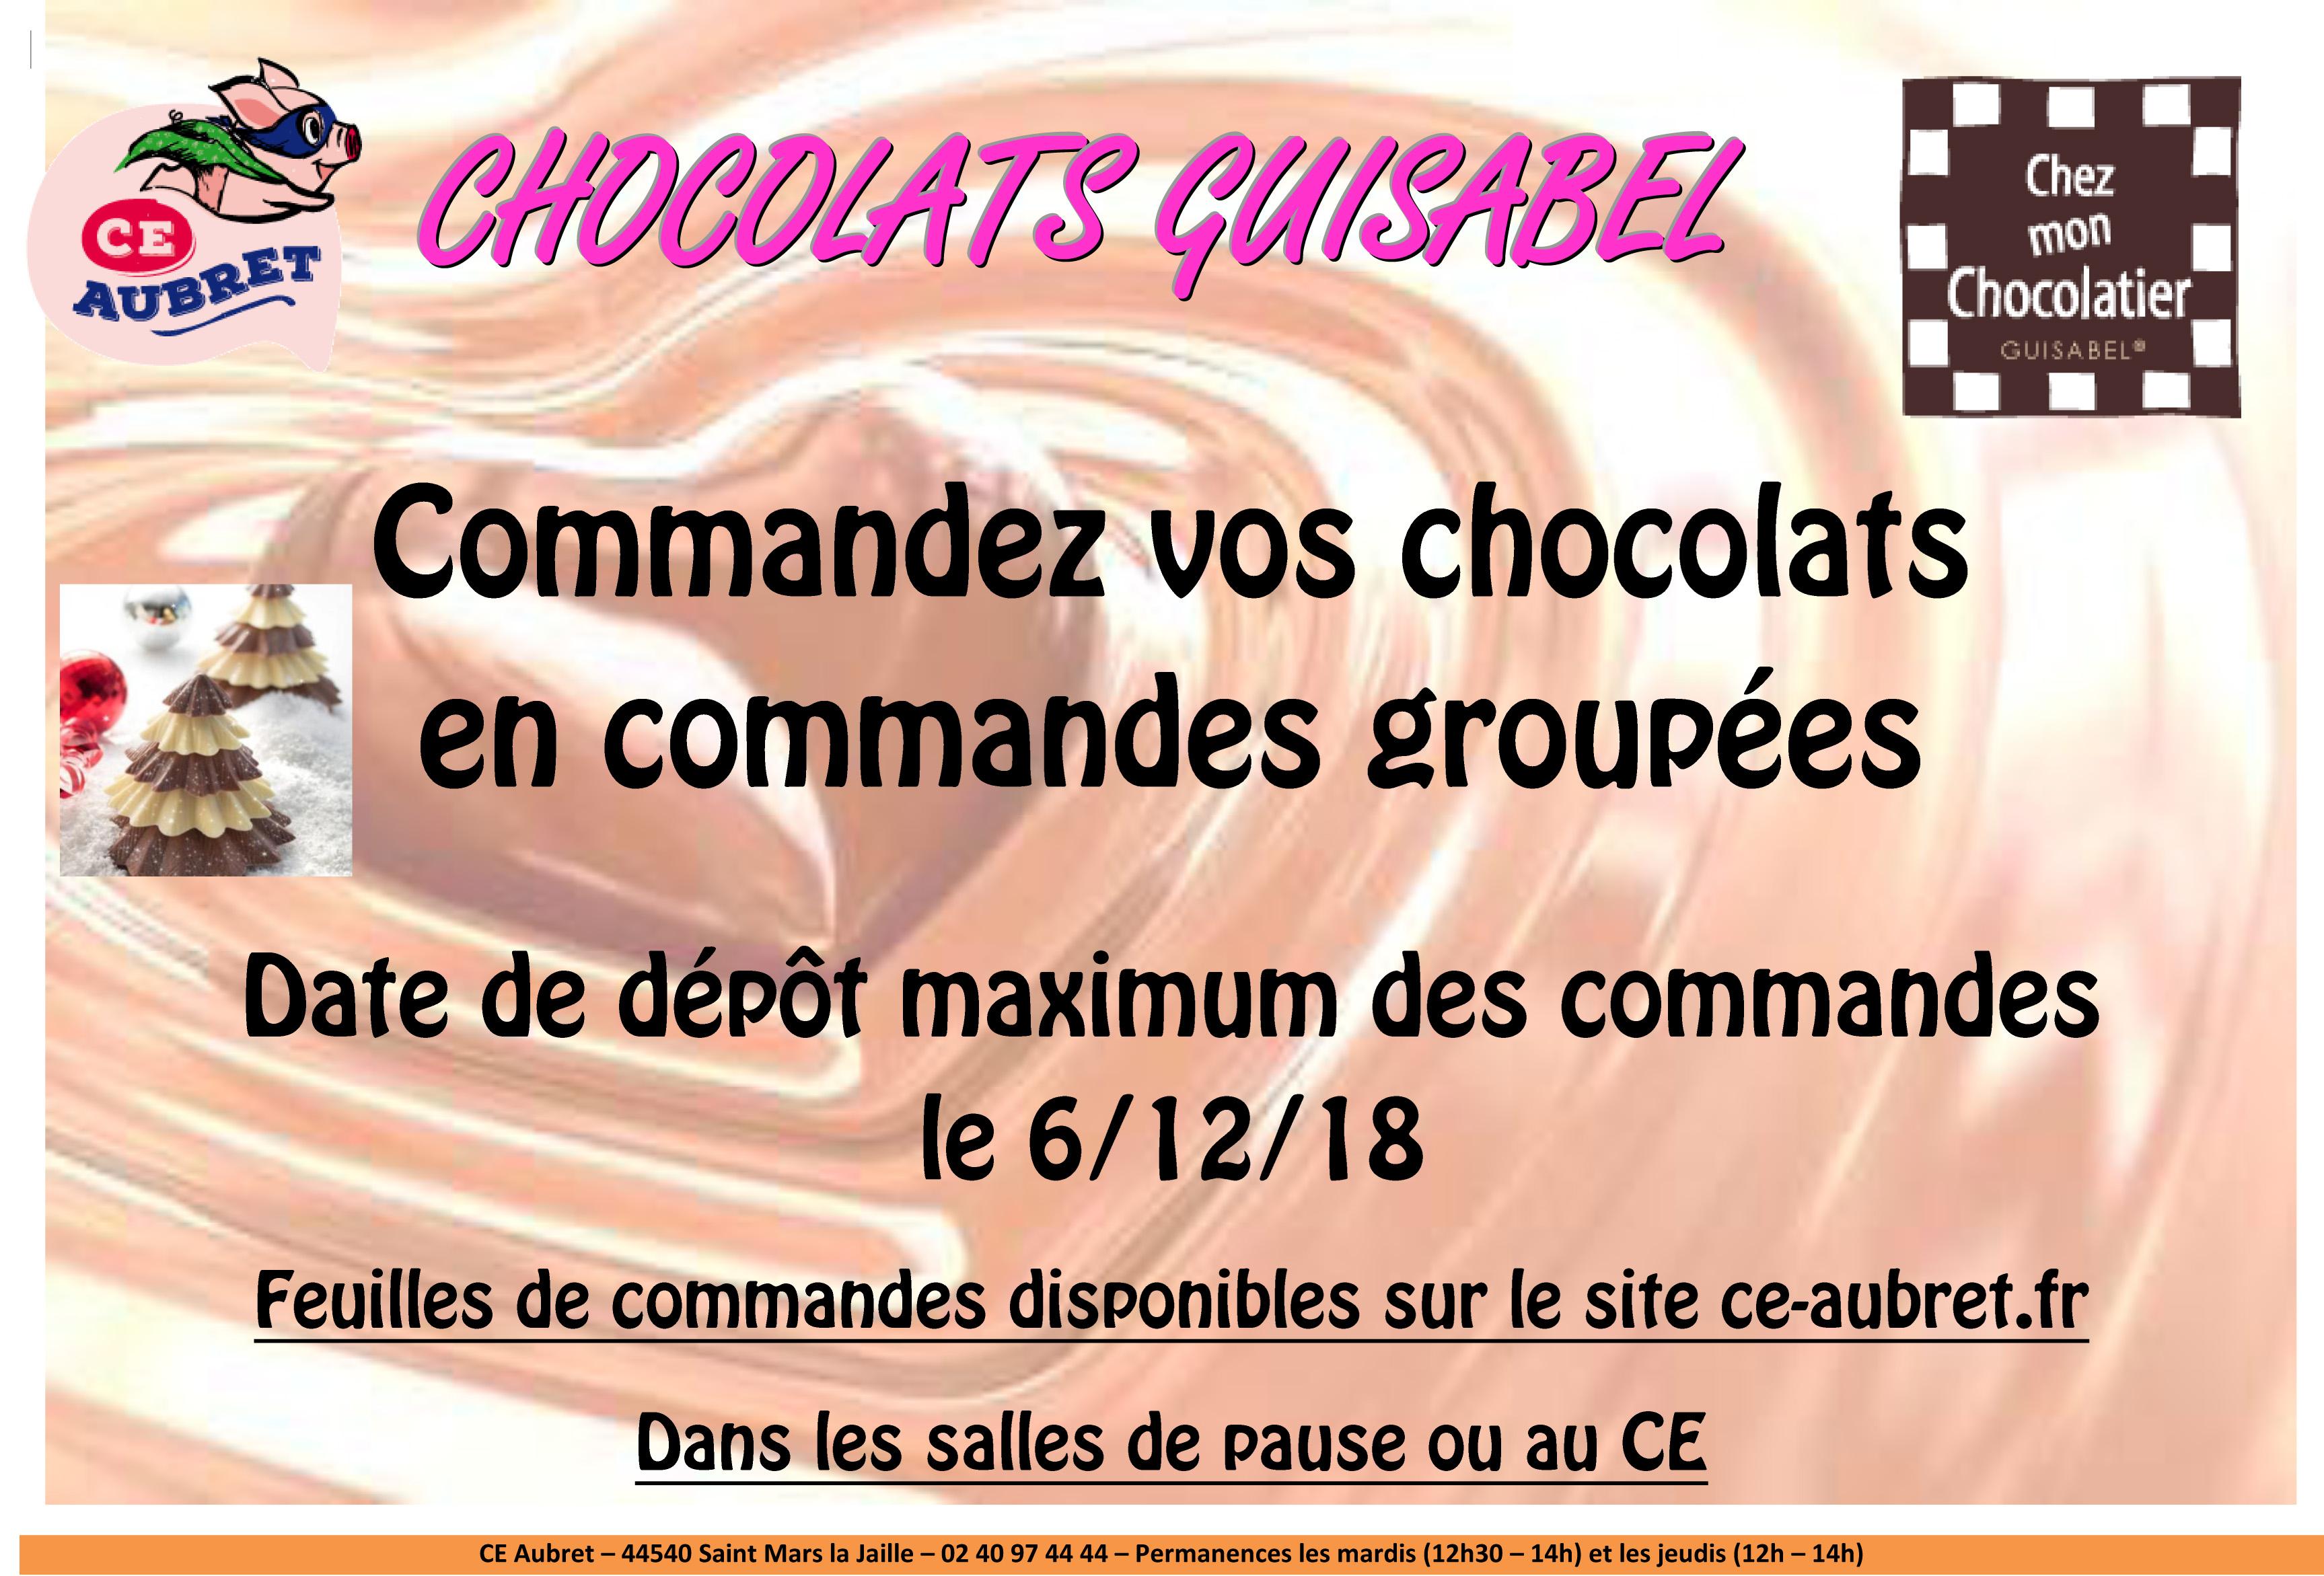 CHOCOLATS GUISABEL (1)